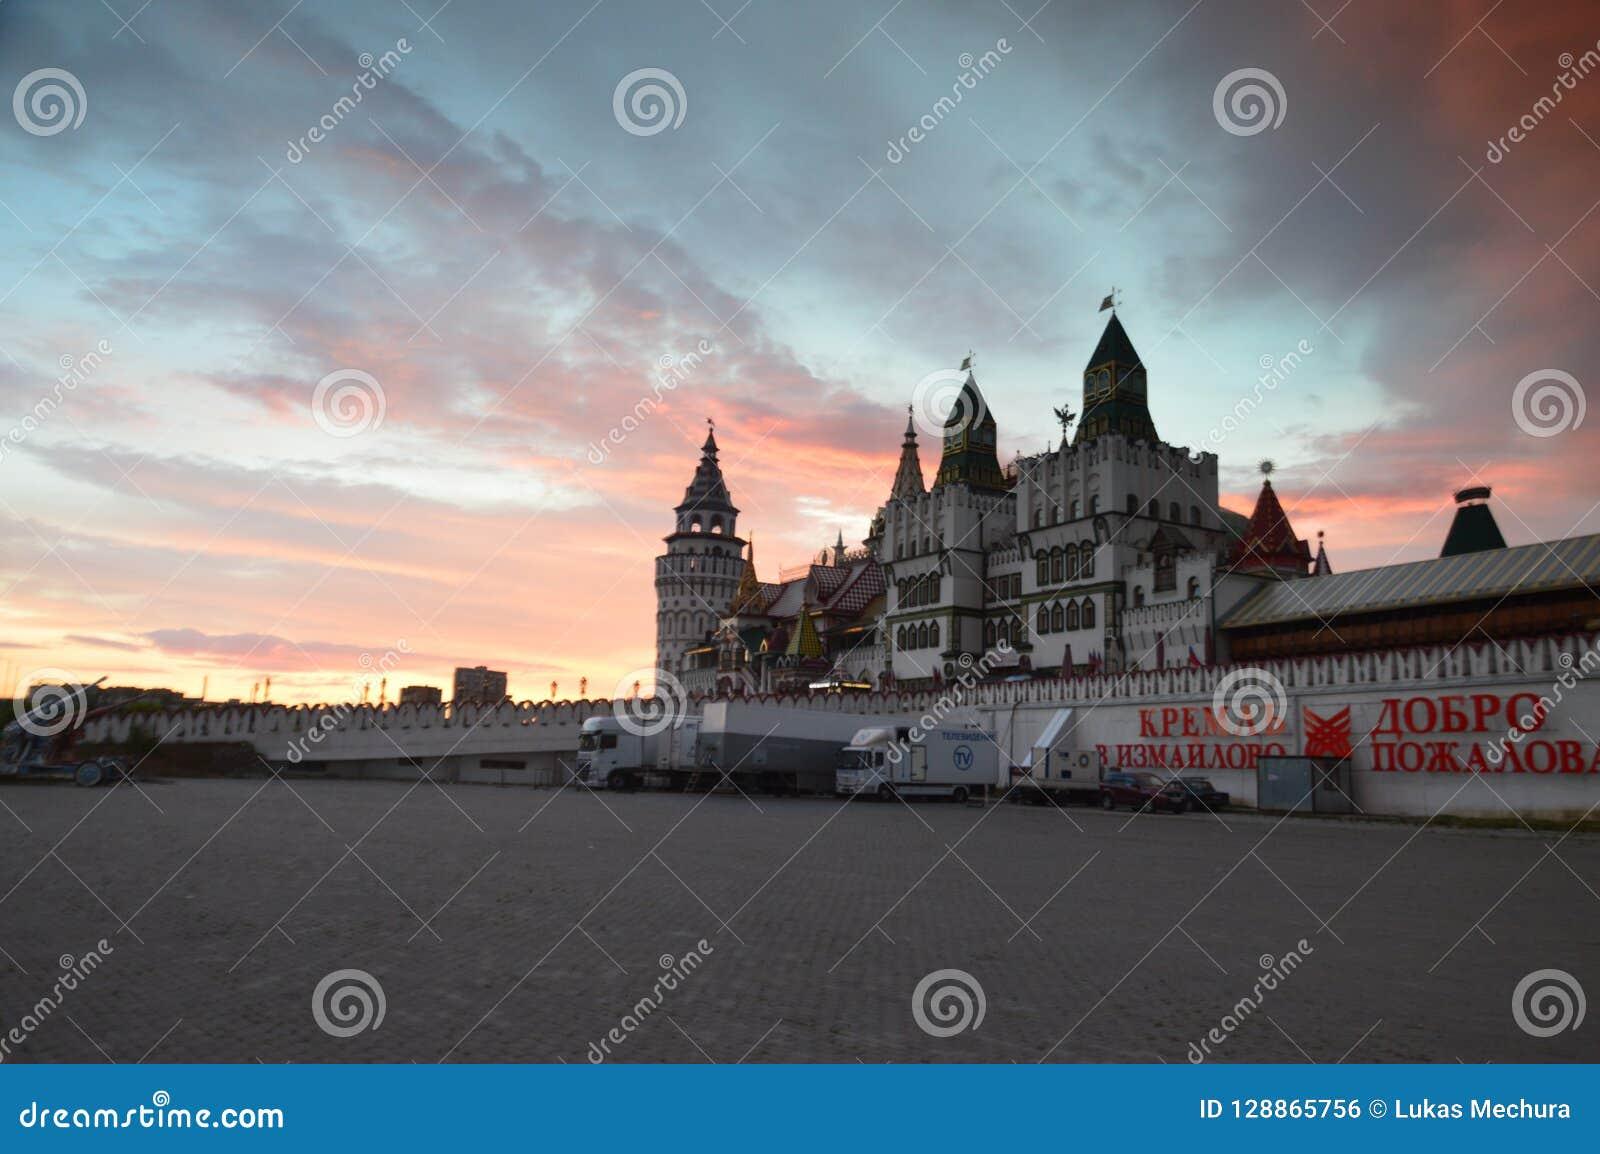 Mercado do Kremlin de Izmaylovo, Moscou, Federação Russa